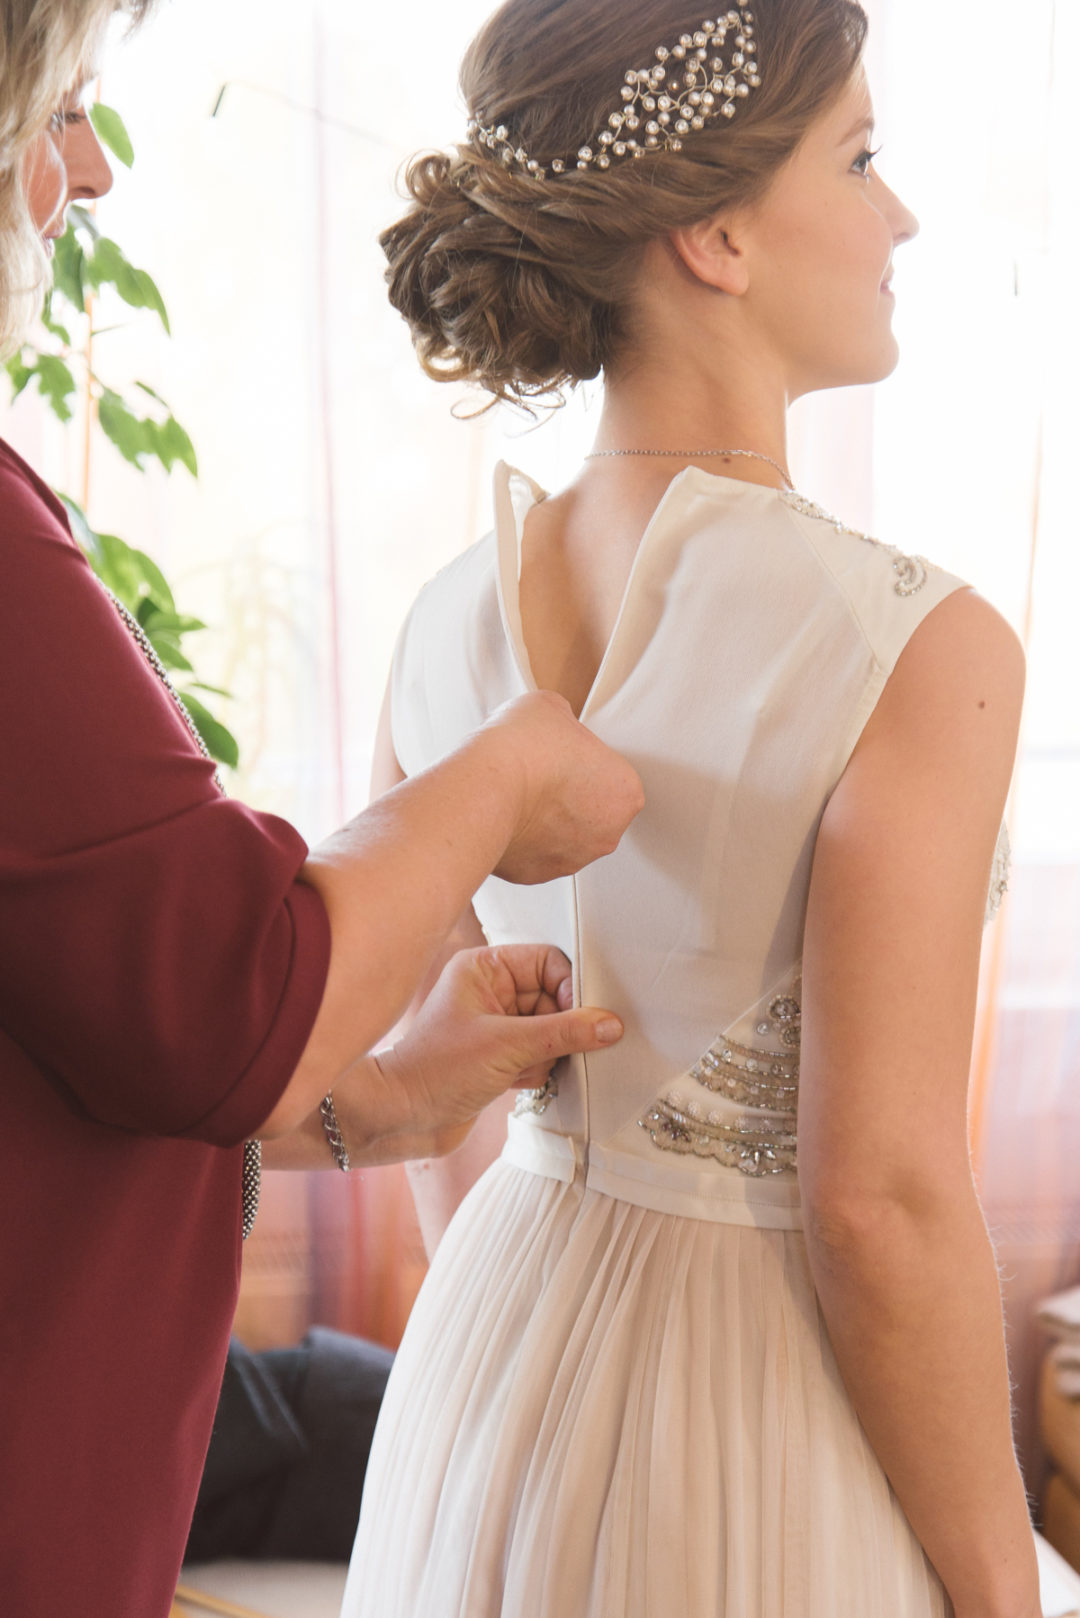 Blog Brautstyling Hairstyling Make Up Savi Styling